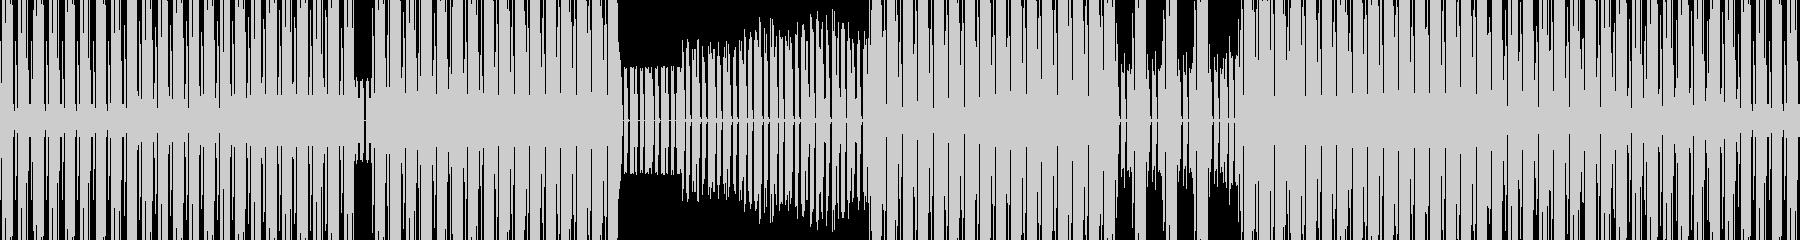 電子。チルオアダイ。機械的。ビデオゲームの未再生の波形